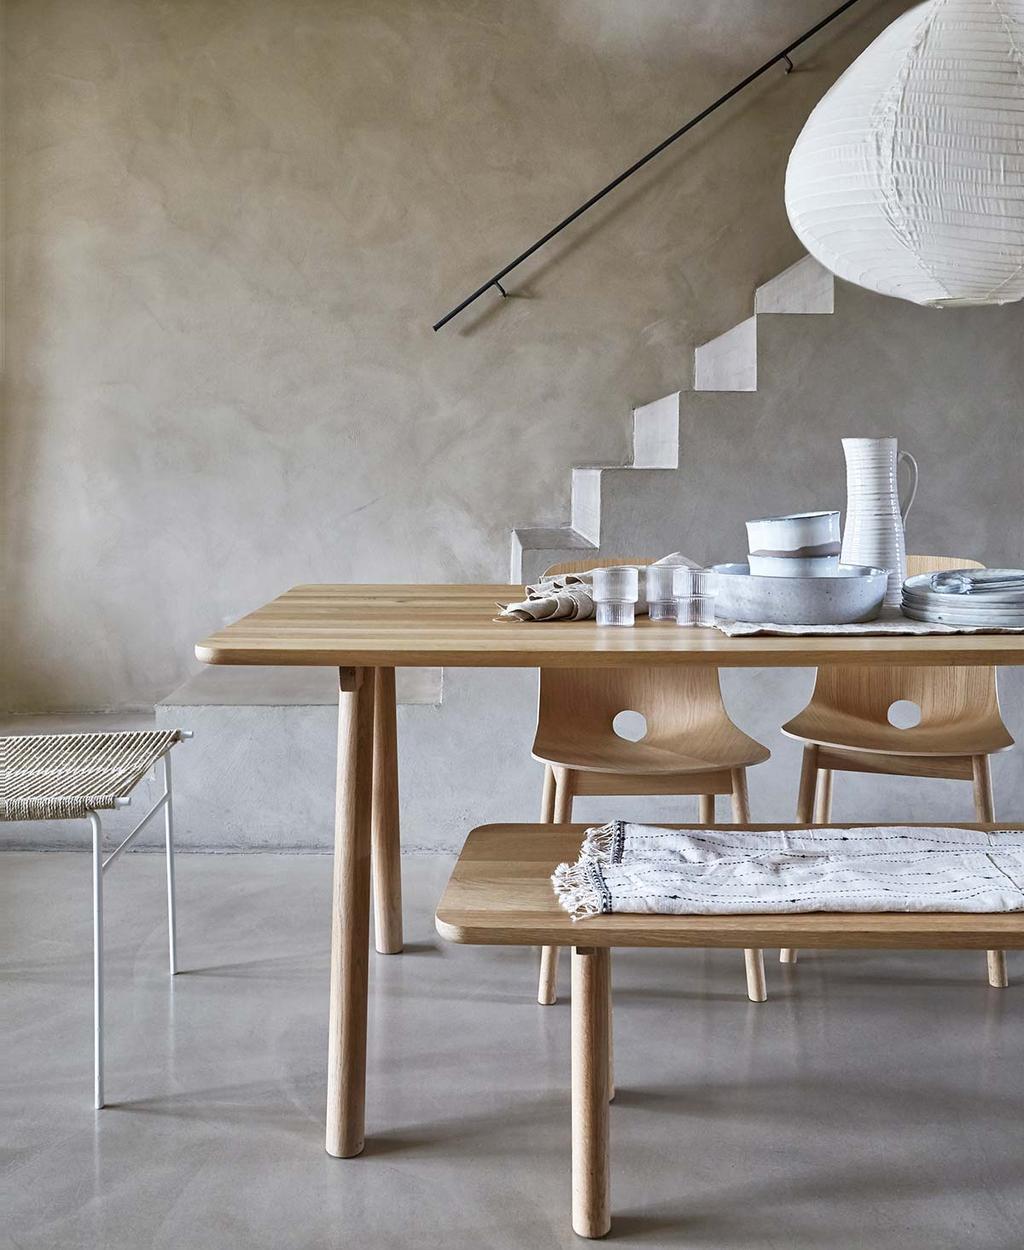 Basic eetkamer met houten eettafel en stoelen en witte lampionnen